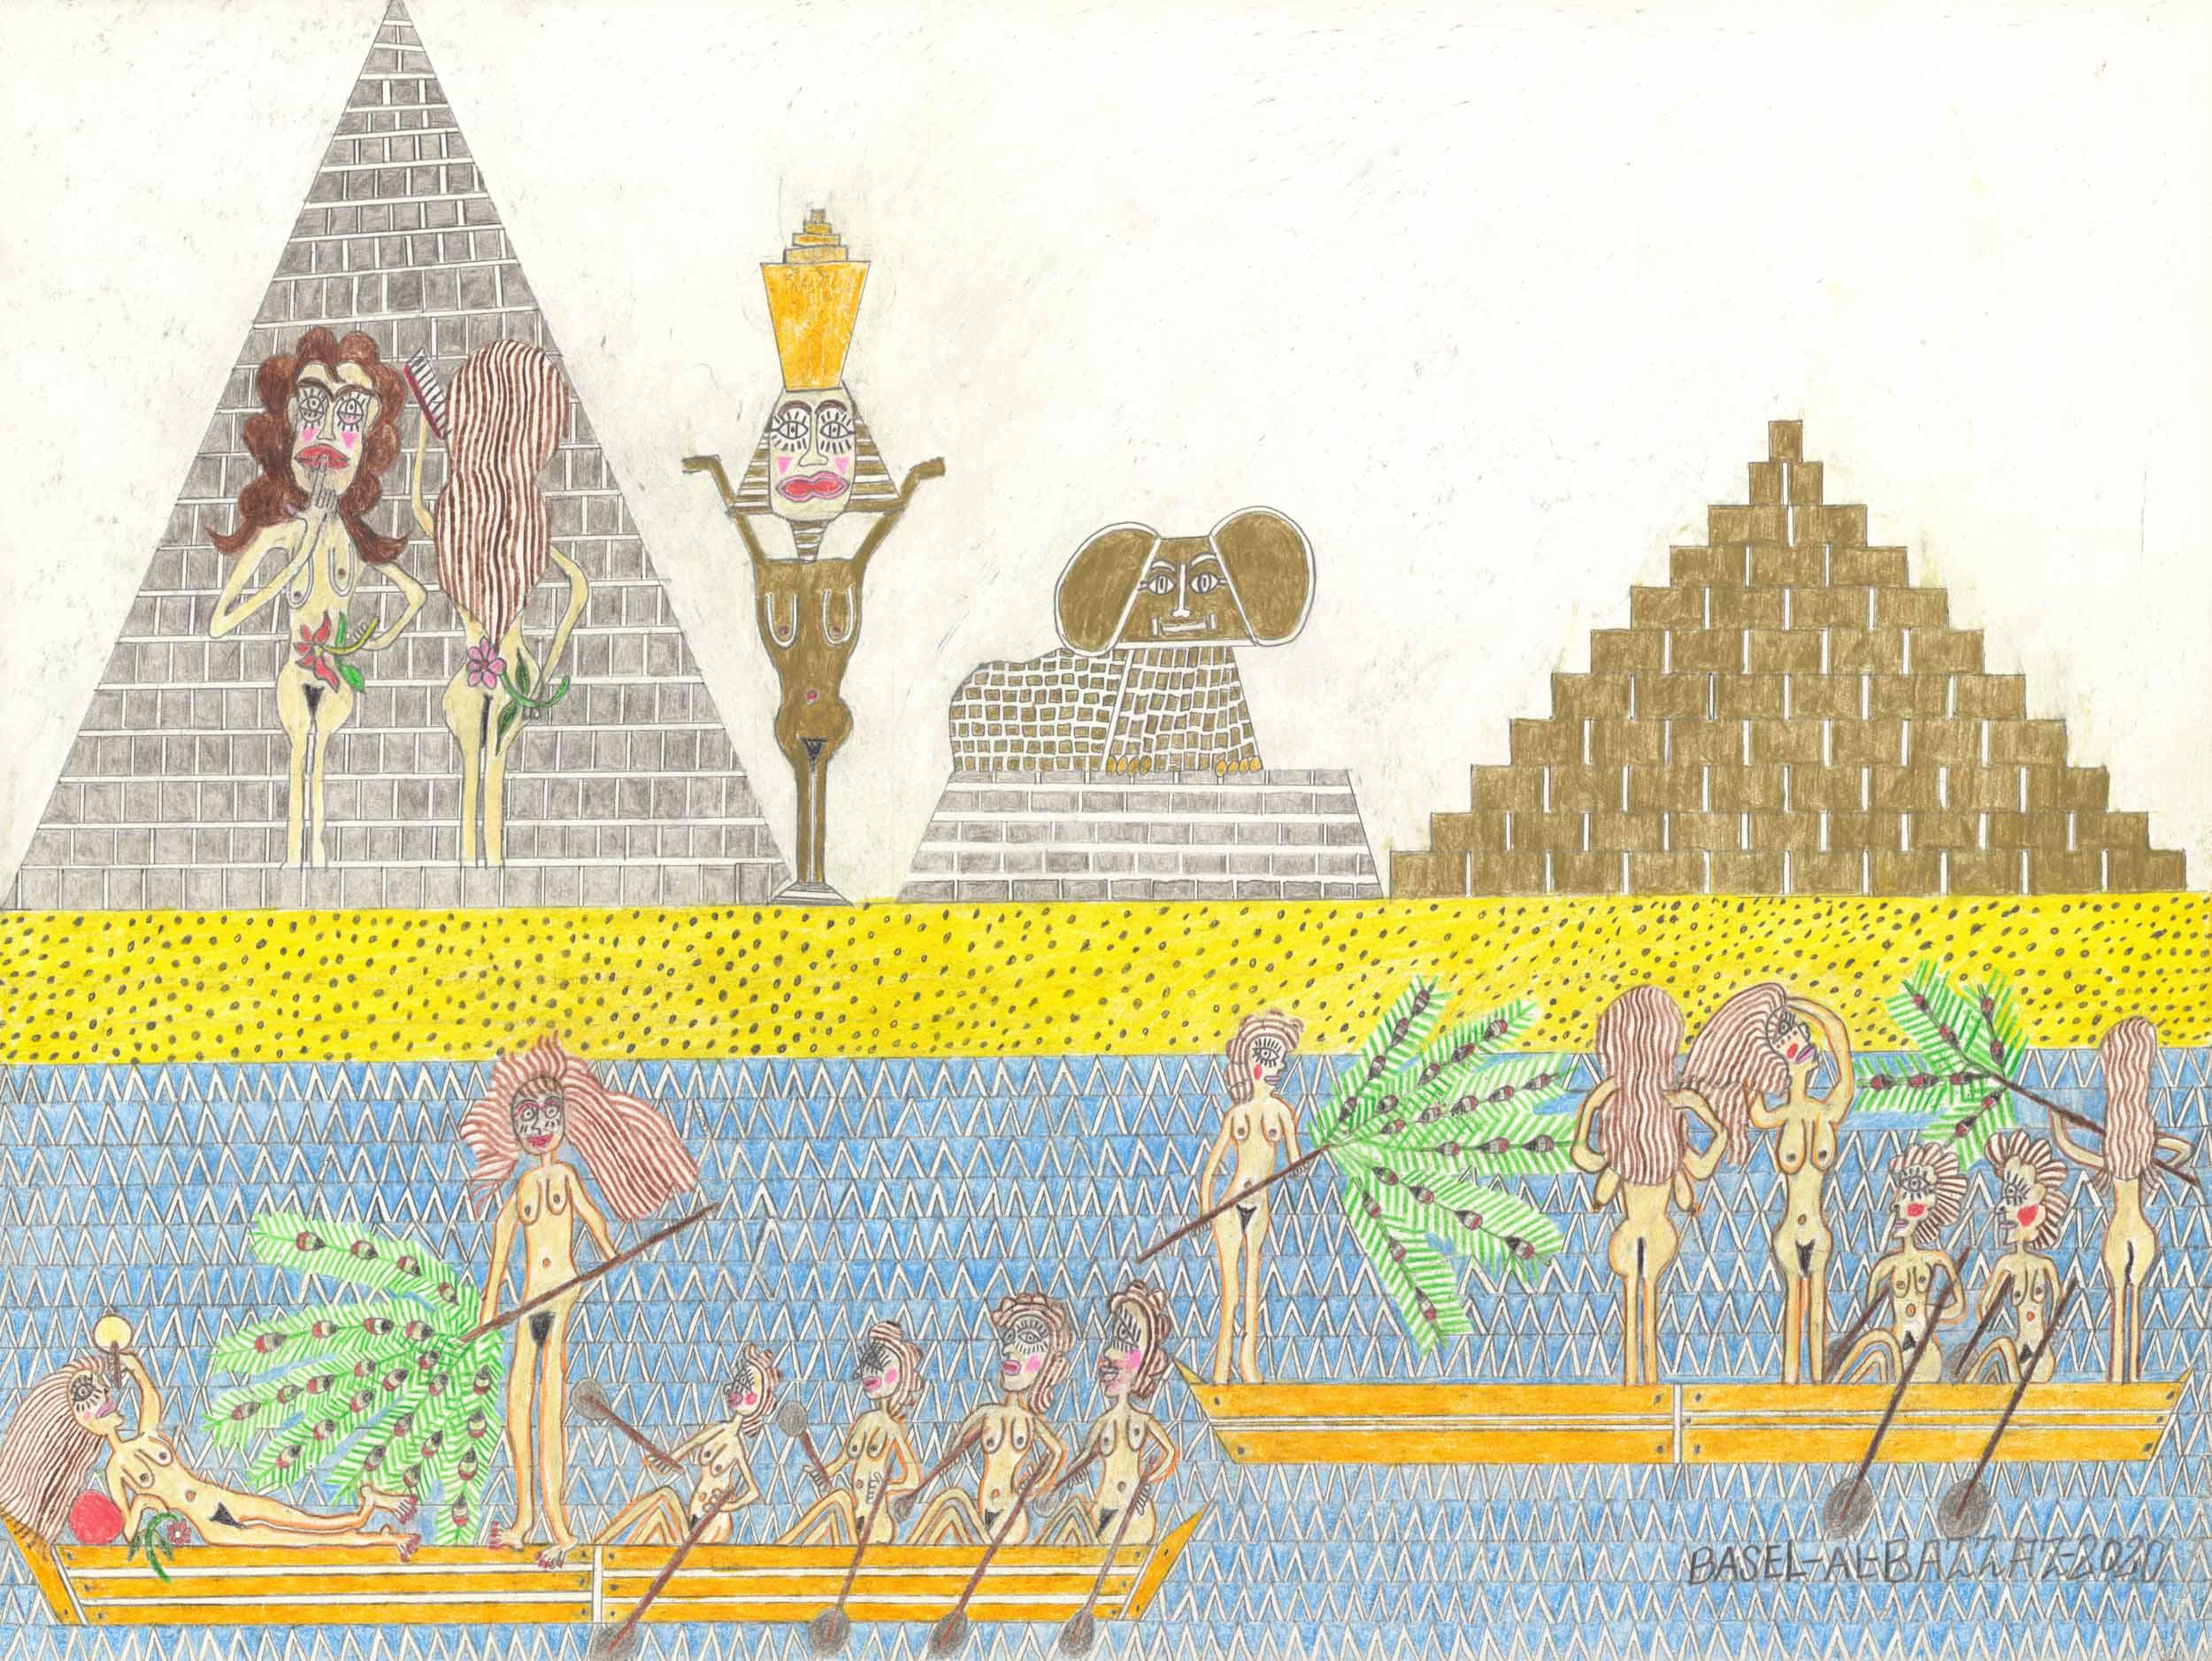 al-bazzaz basel - Ägypten / Egypt